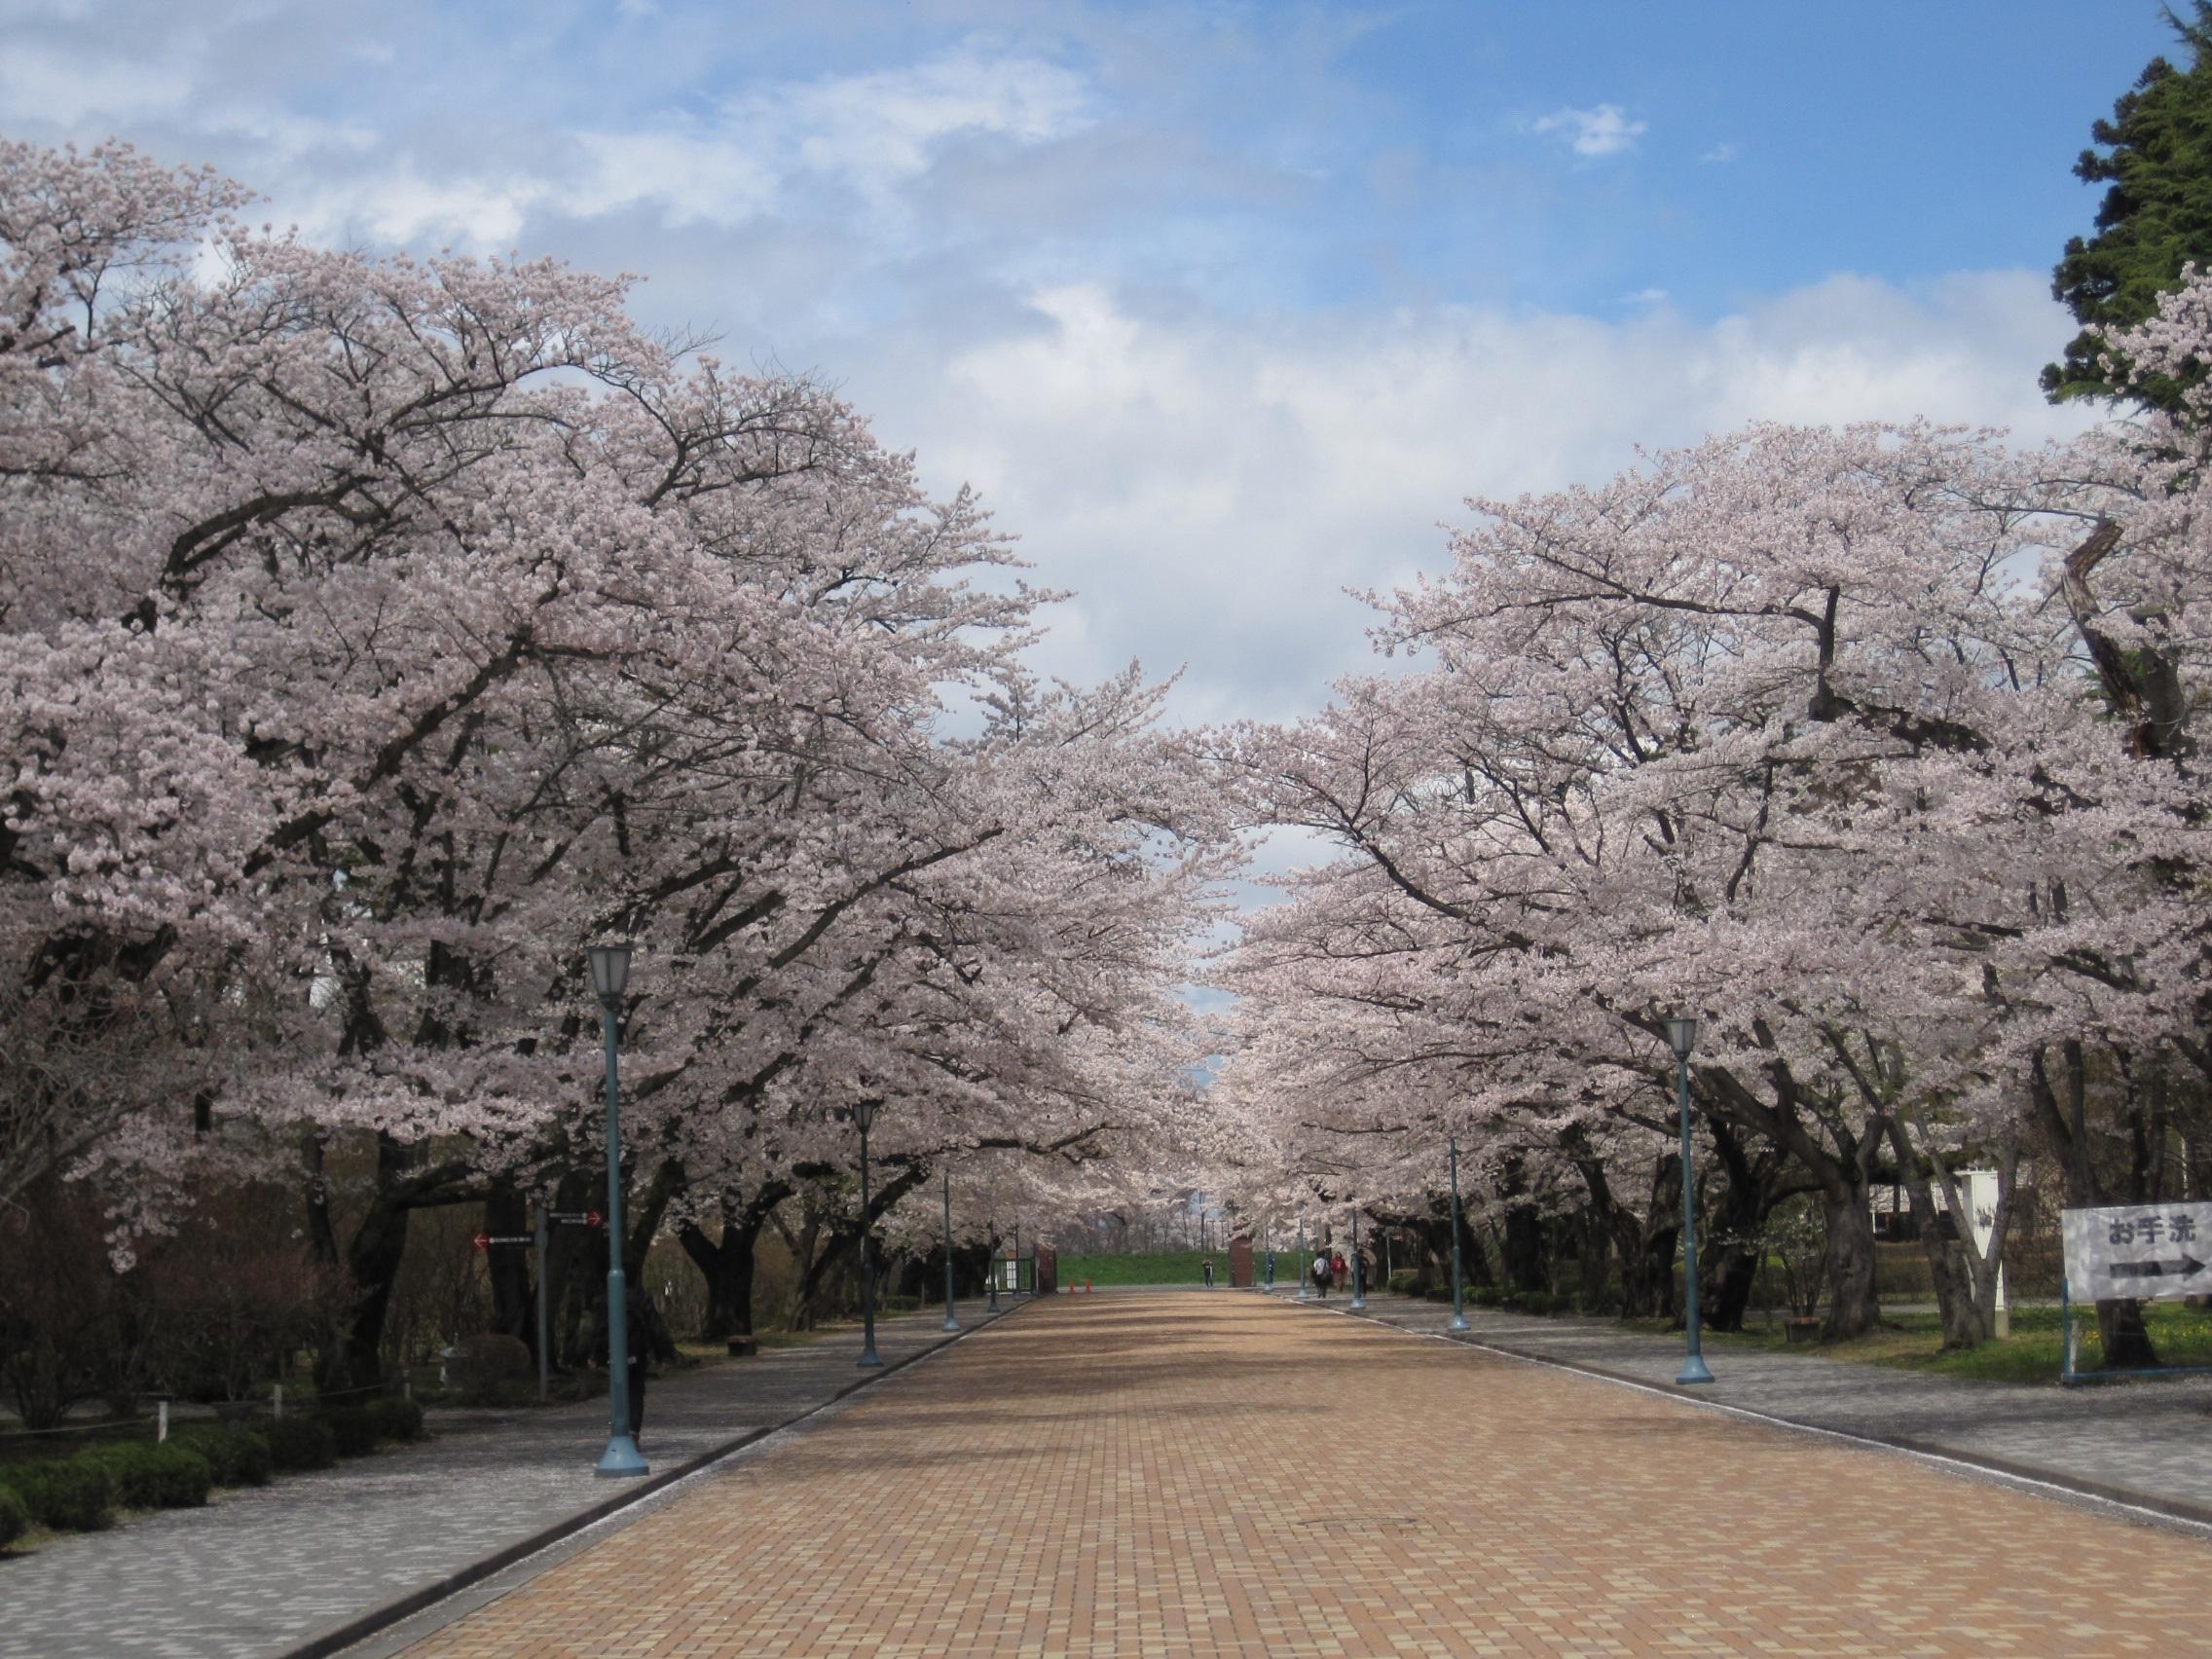 Images gratuites arbre plante bois rose japon fleur de cerisier fleurs de printemps - Arbre rose japon ...